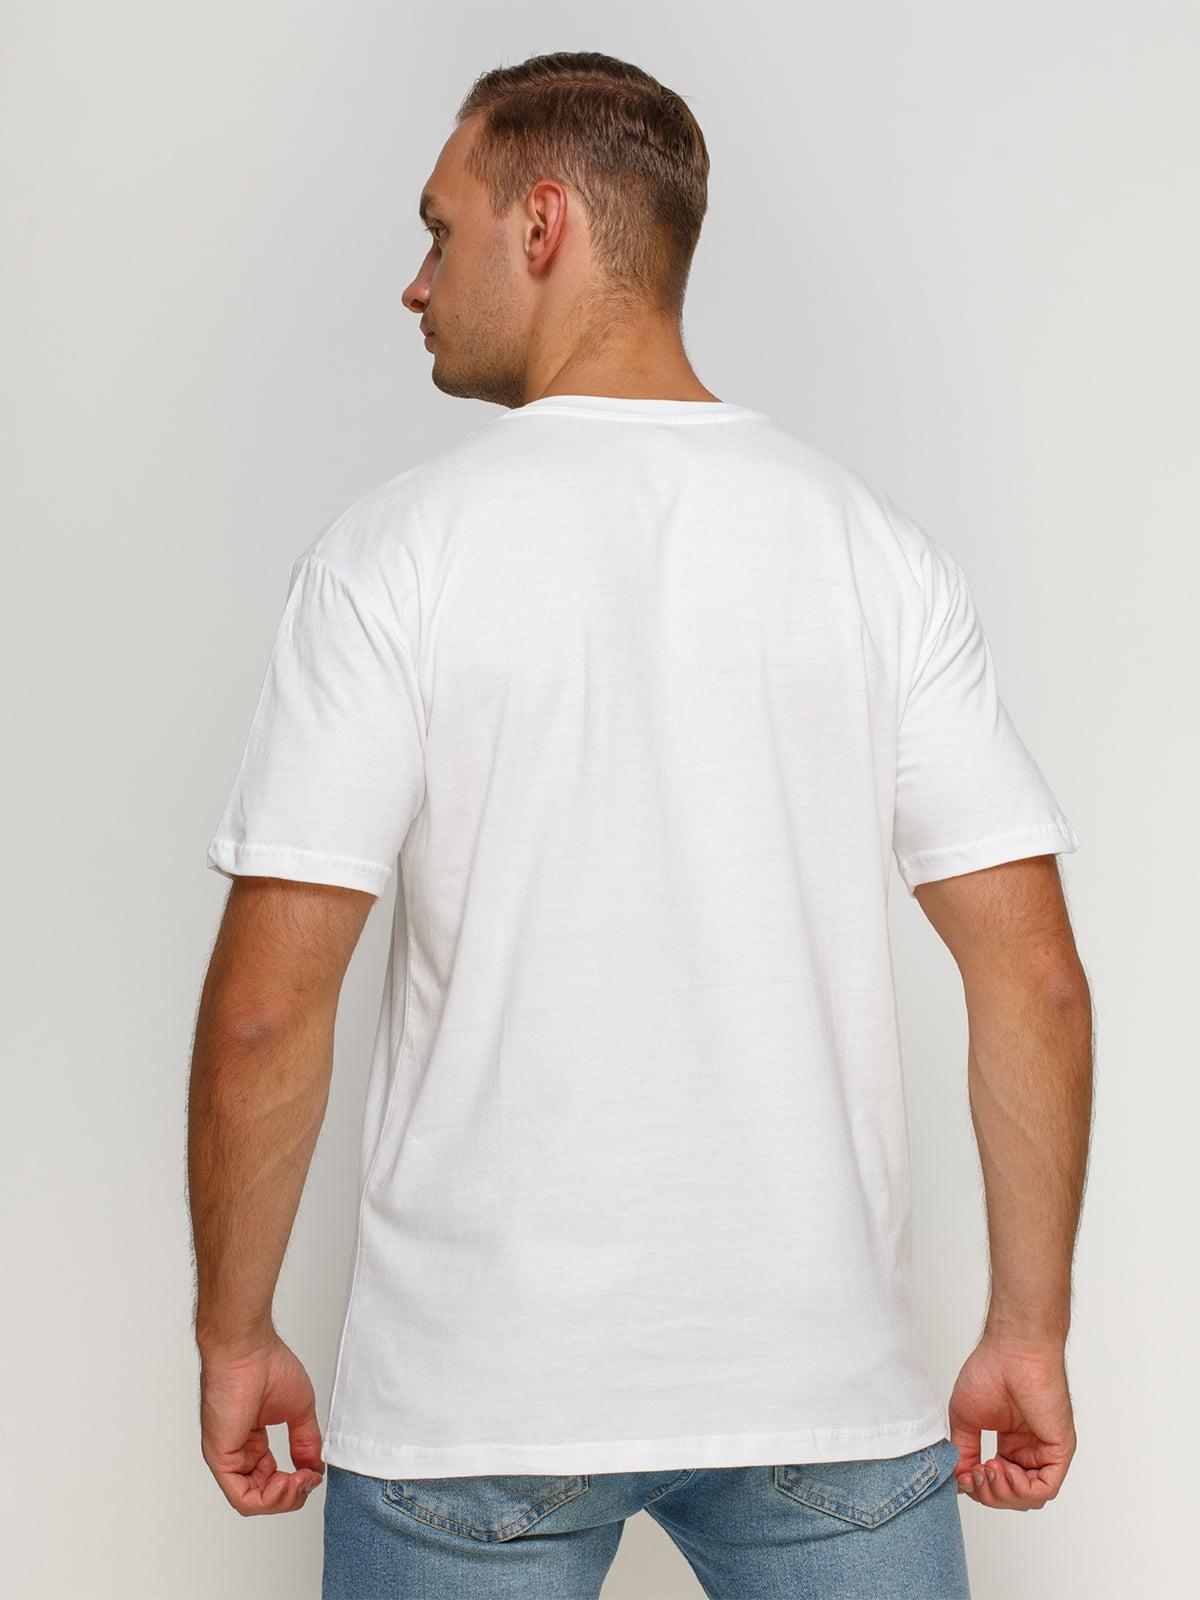 Футболка біла з принтом | 4577853 | фото 2